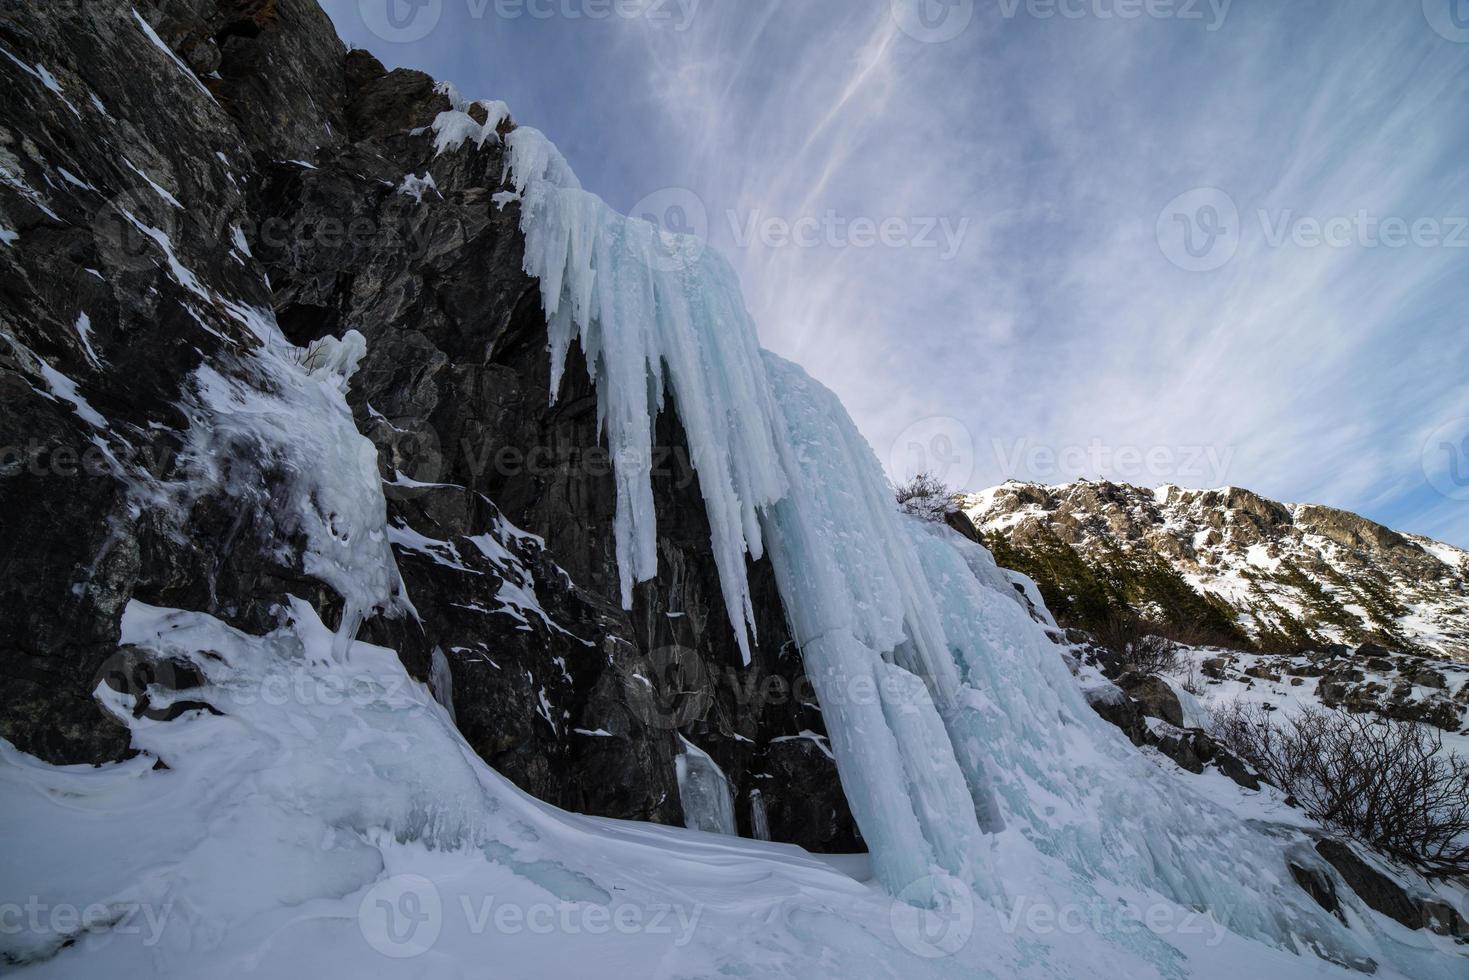 chutes de glace dans les montagnes rocheuses du colorado photo